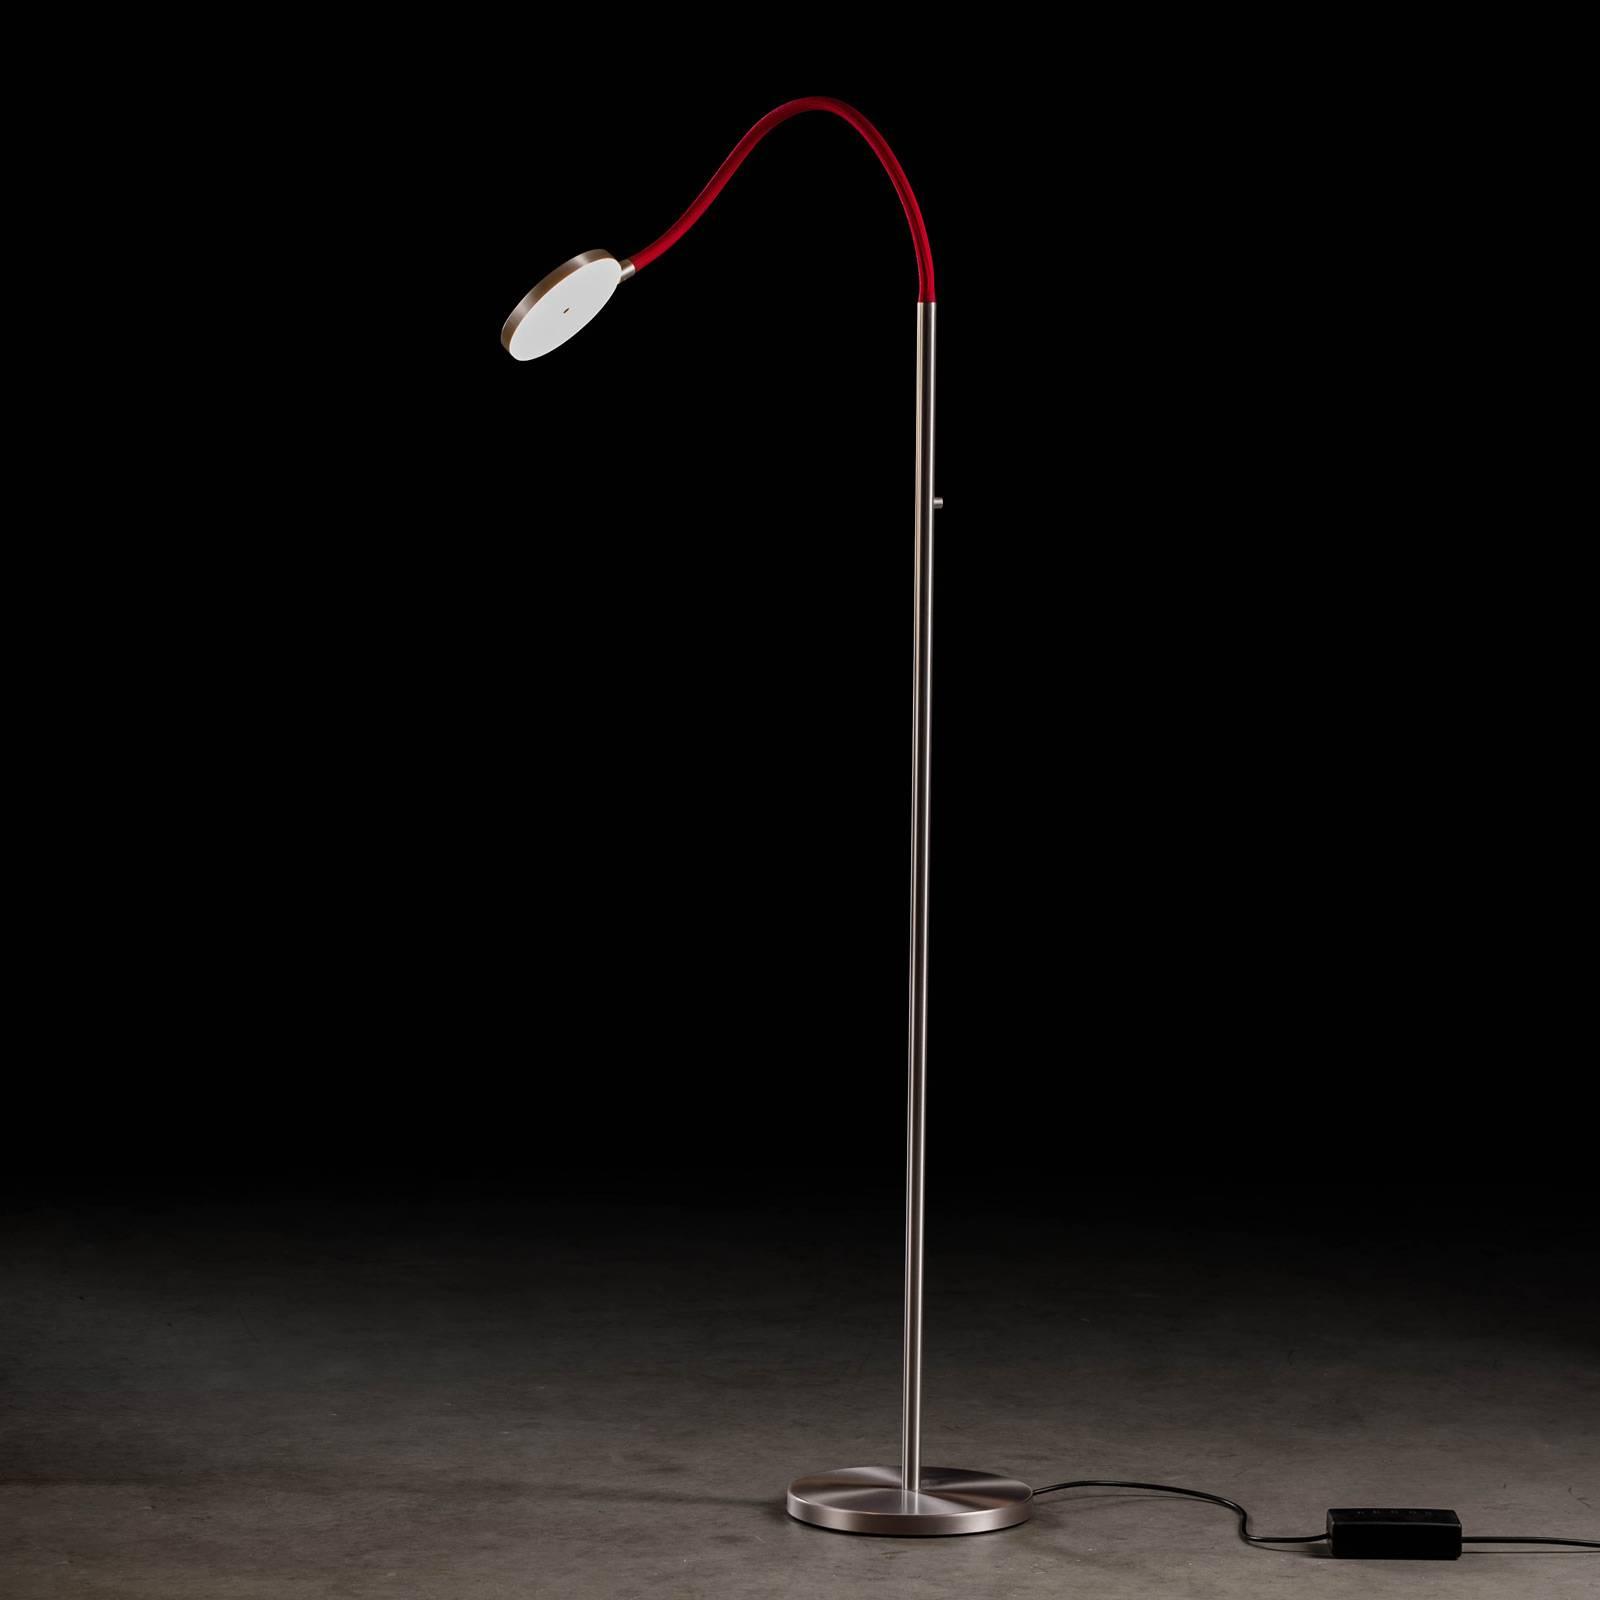 Holtkötter Flex S LED-Stehleuchte alu matt/rot